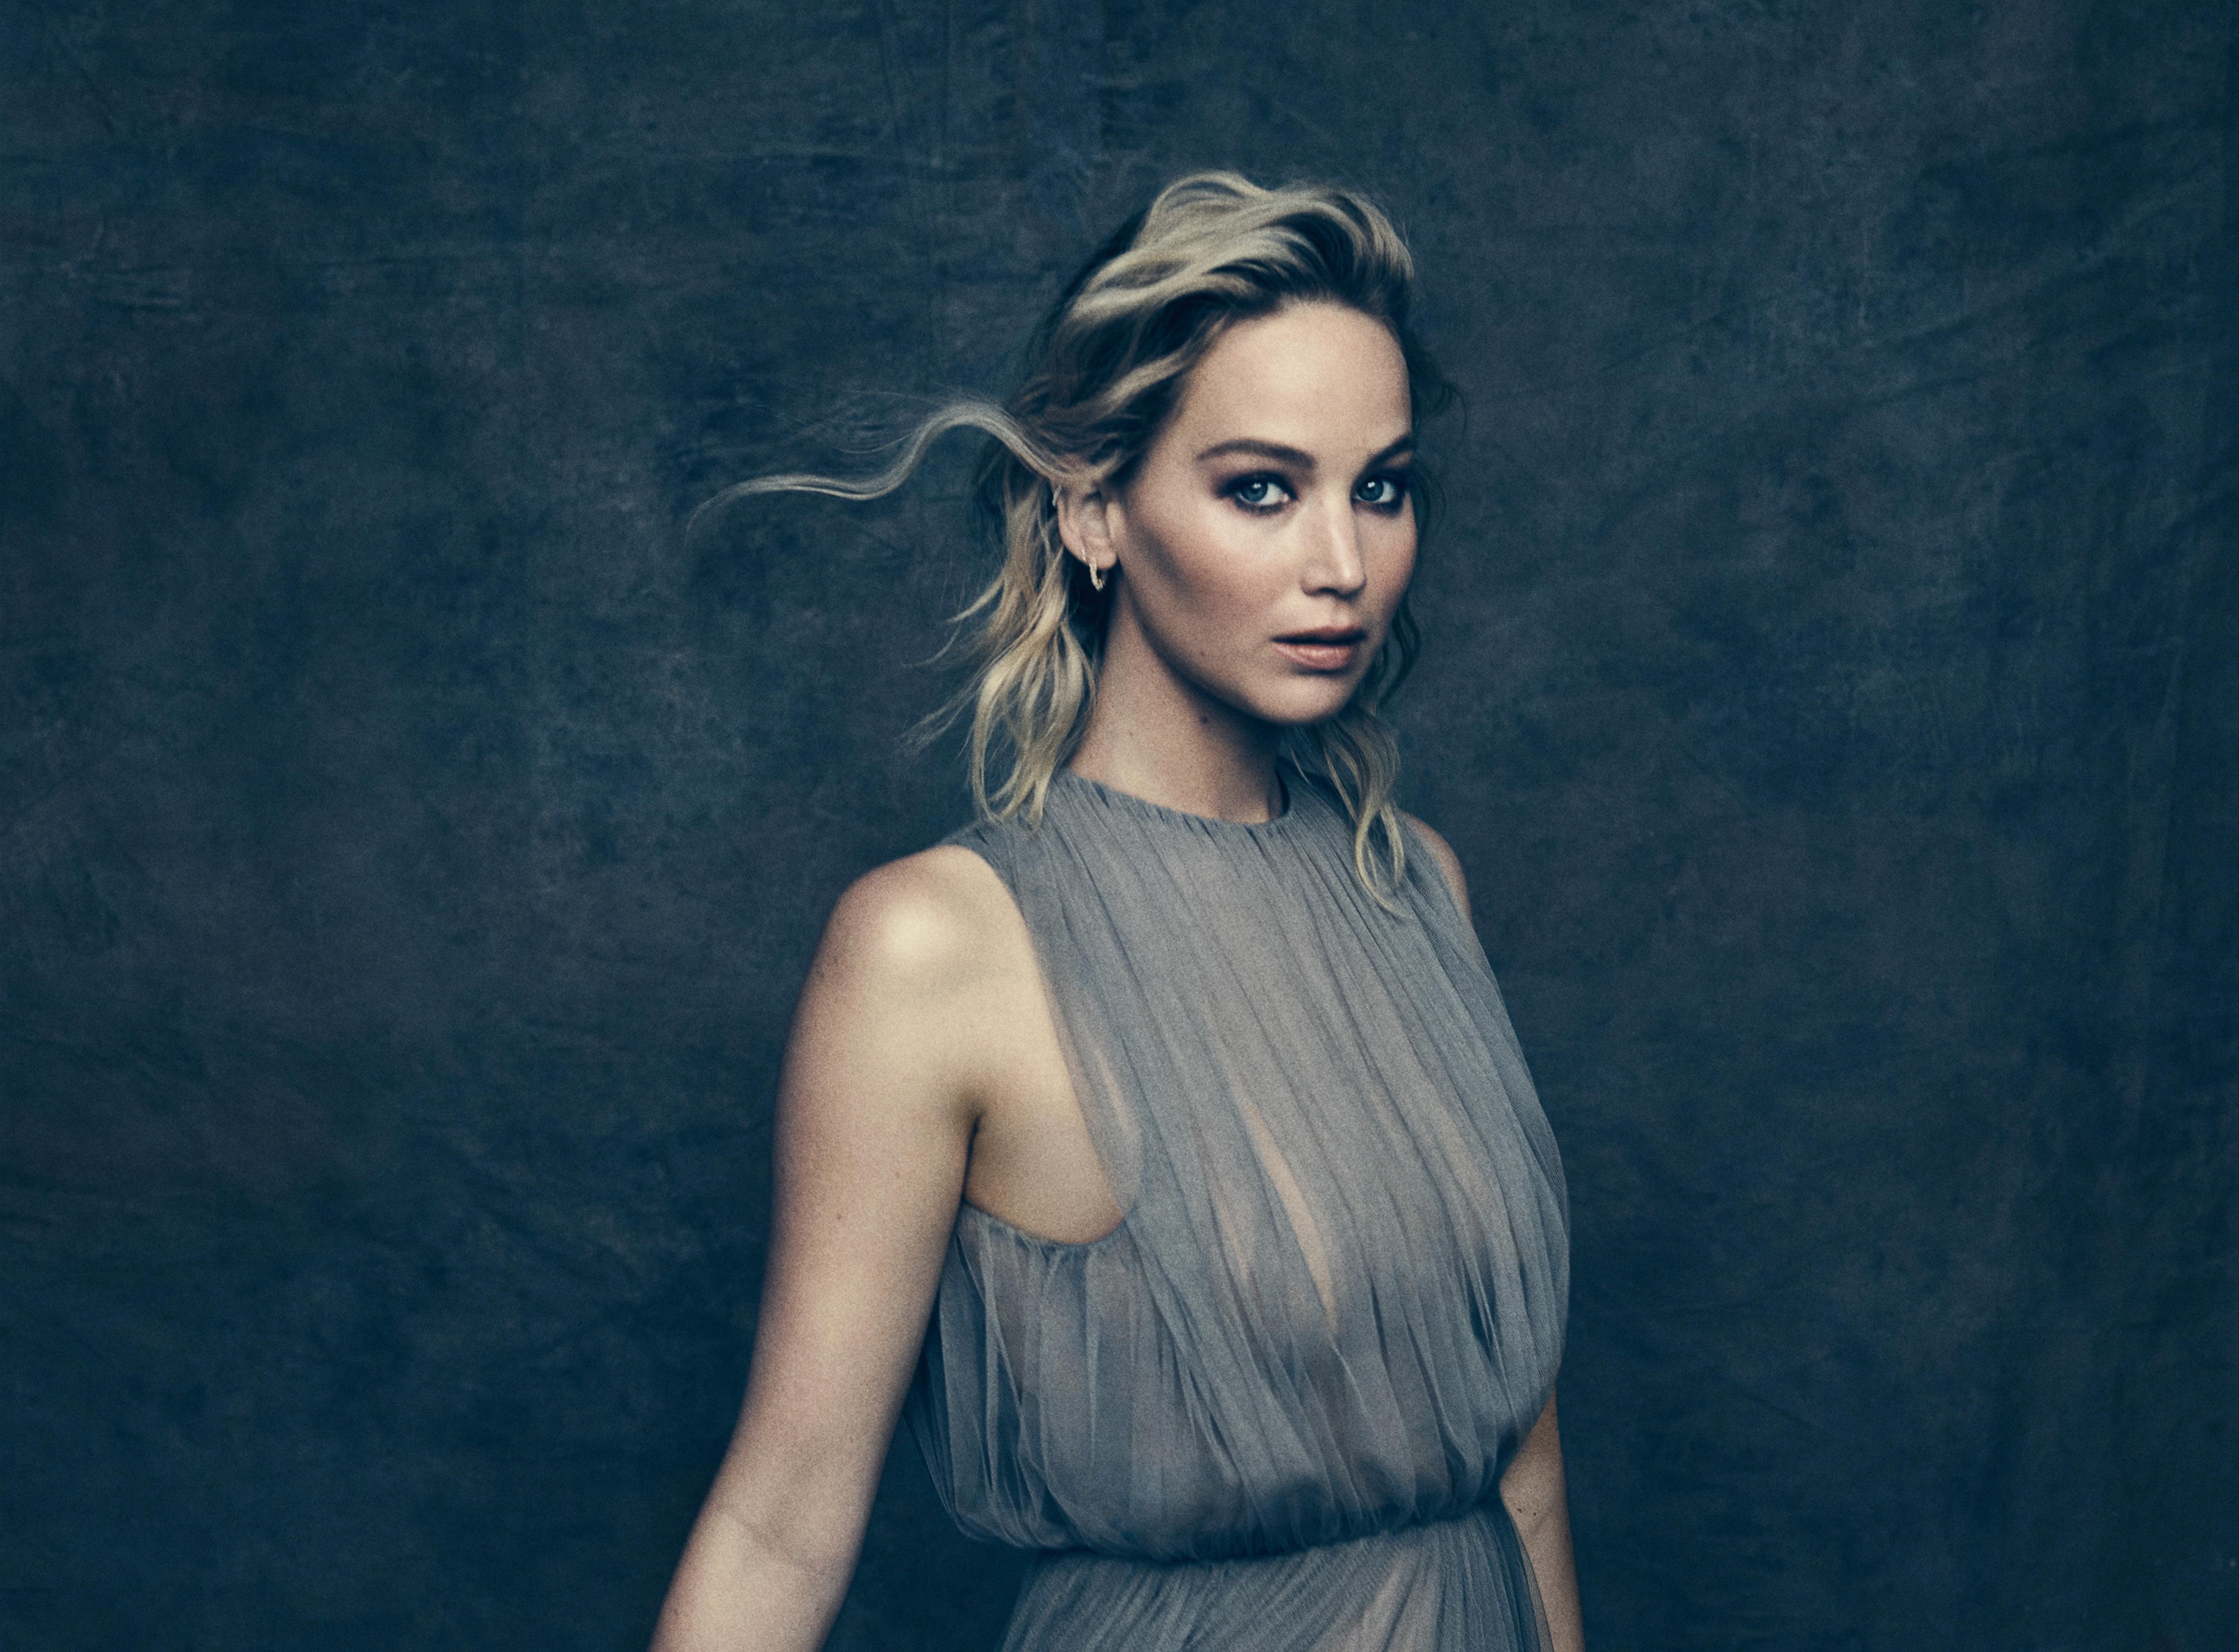 Jennifer Lawrence Ultra Hd 5k, HD Celebrities, 4k